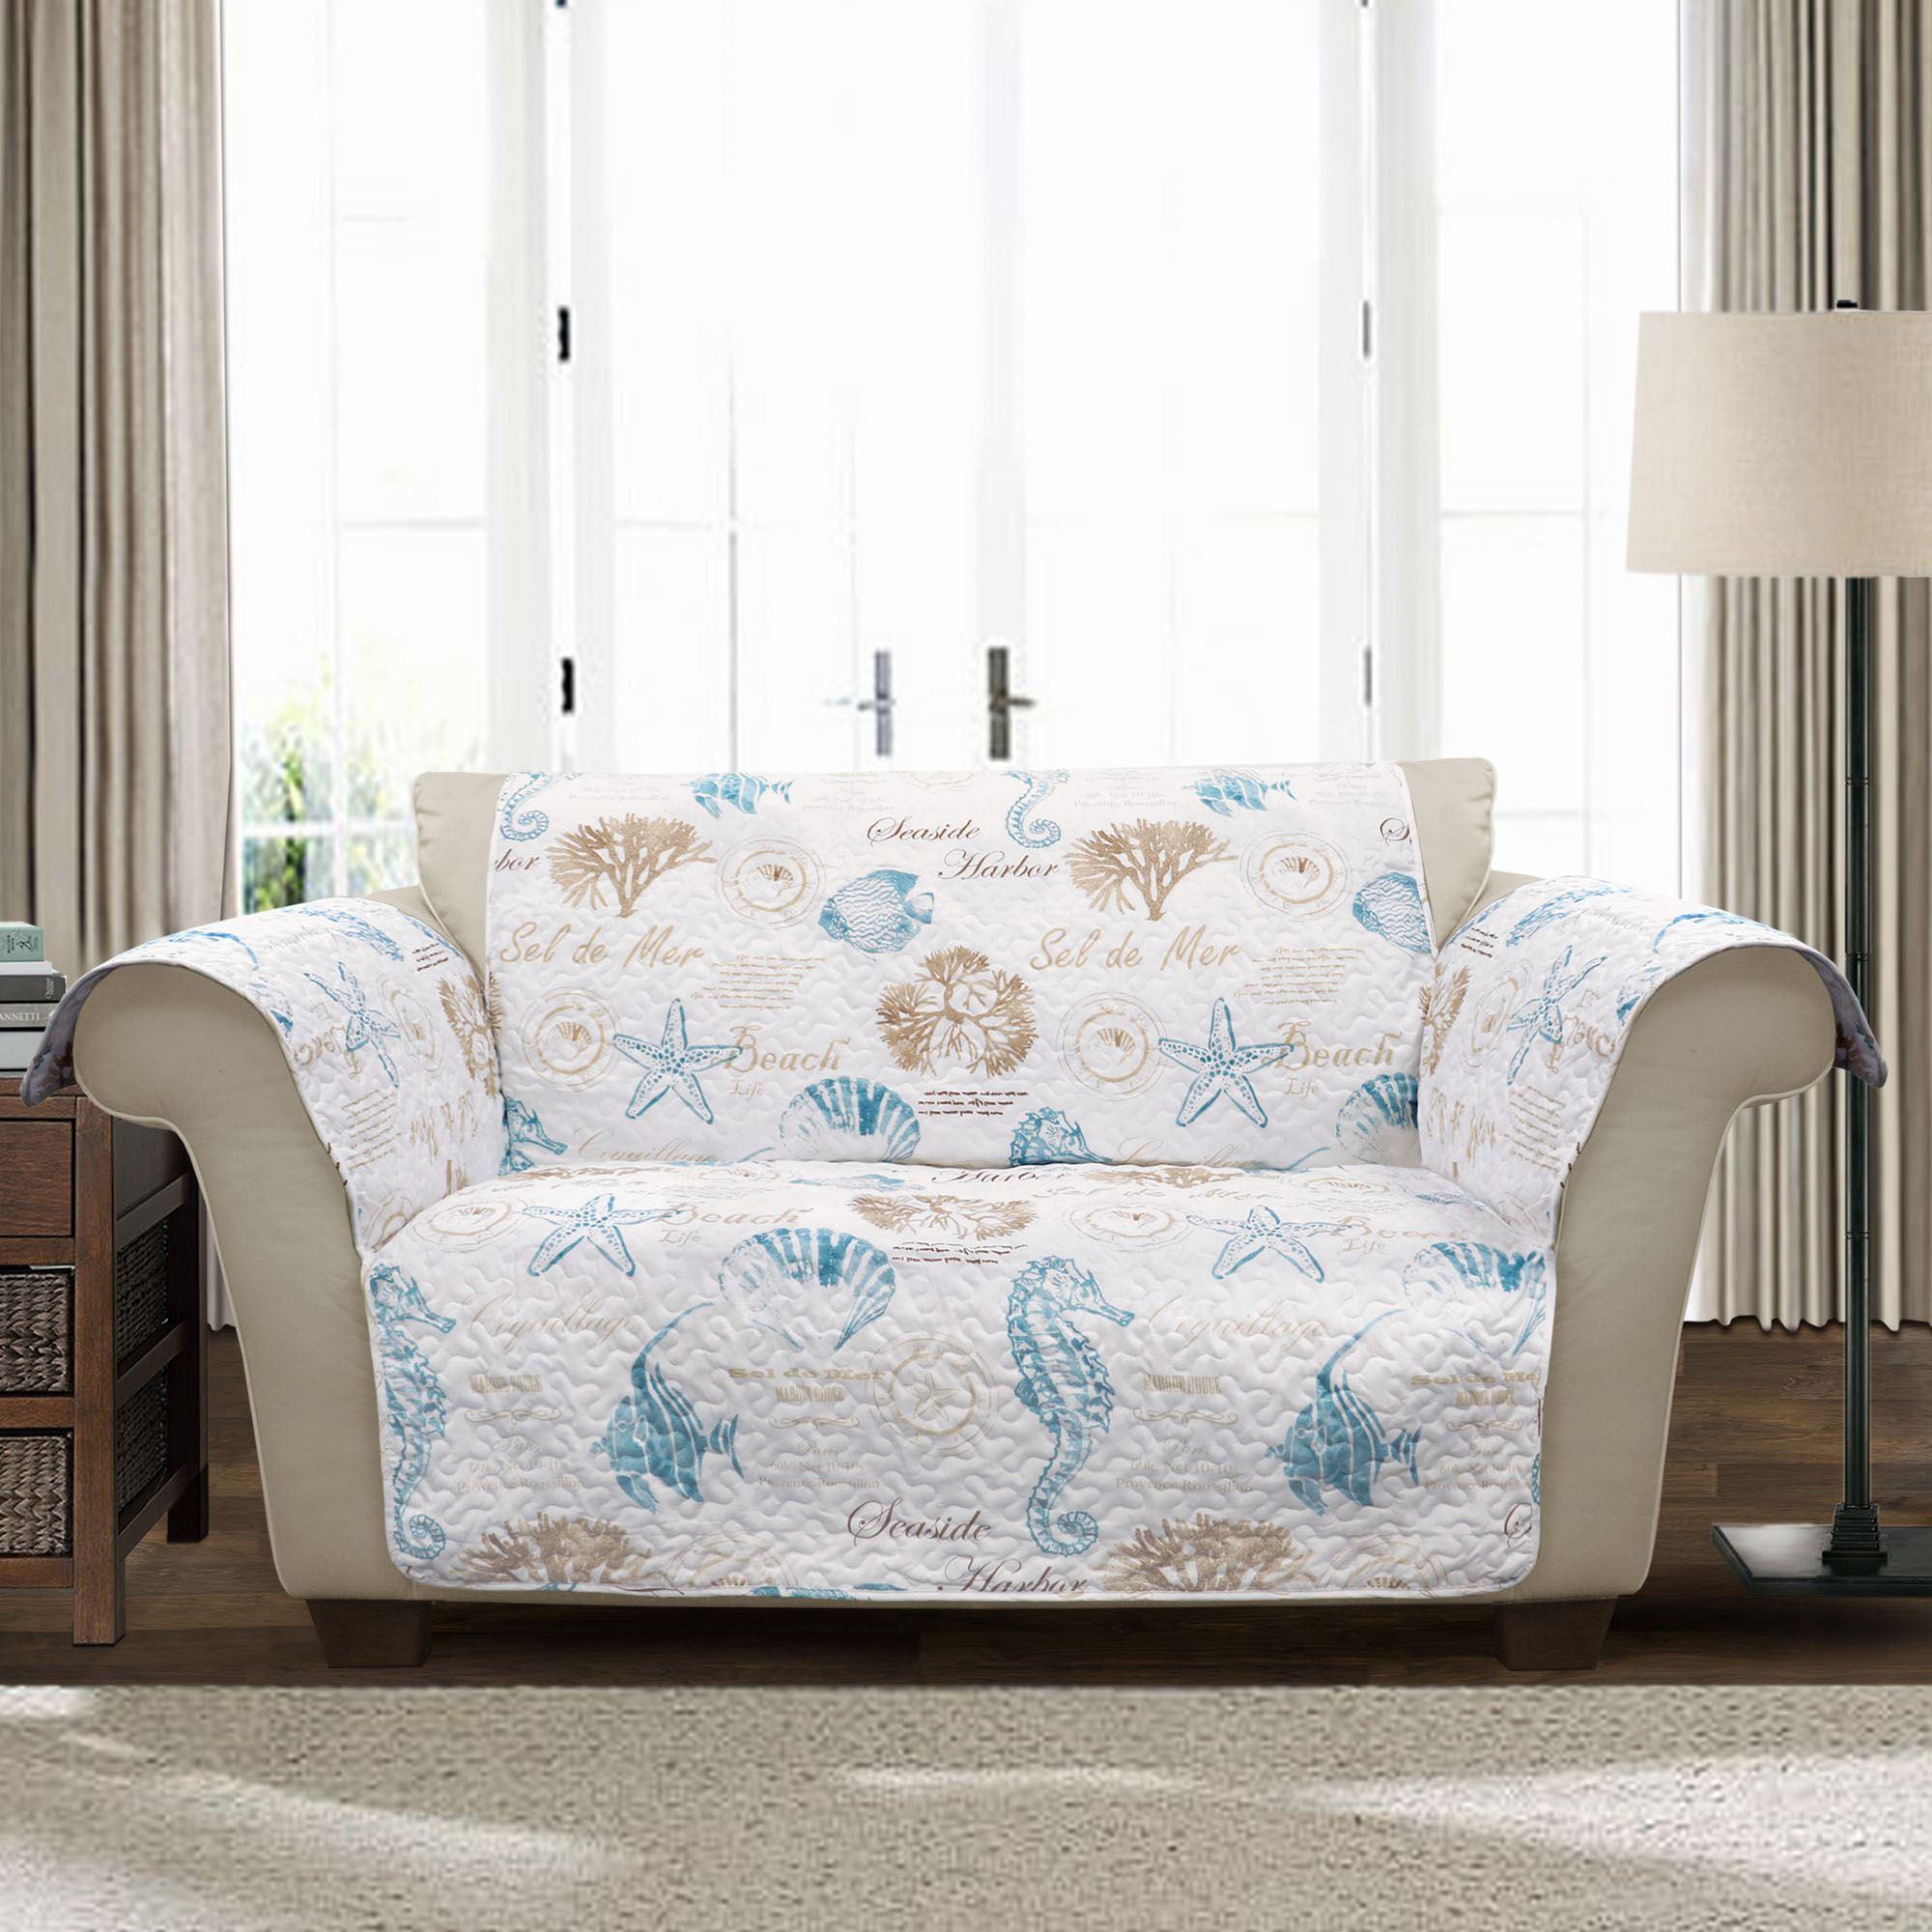 Harbor Life Coastal Furniture Cover